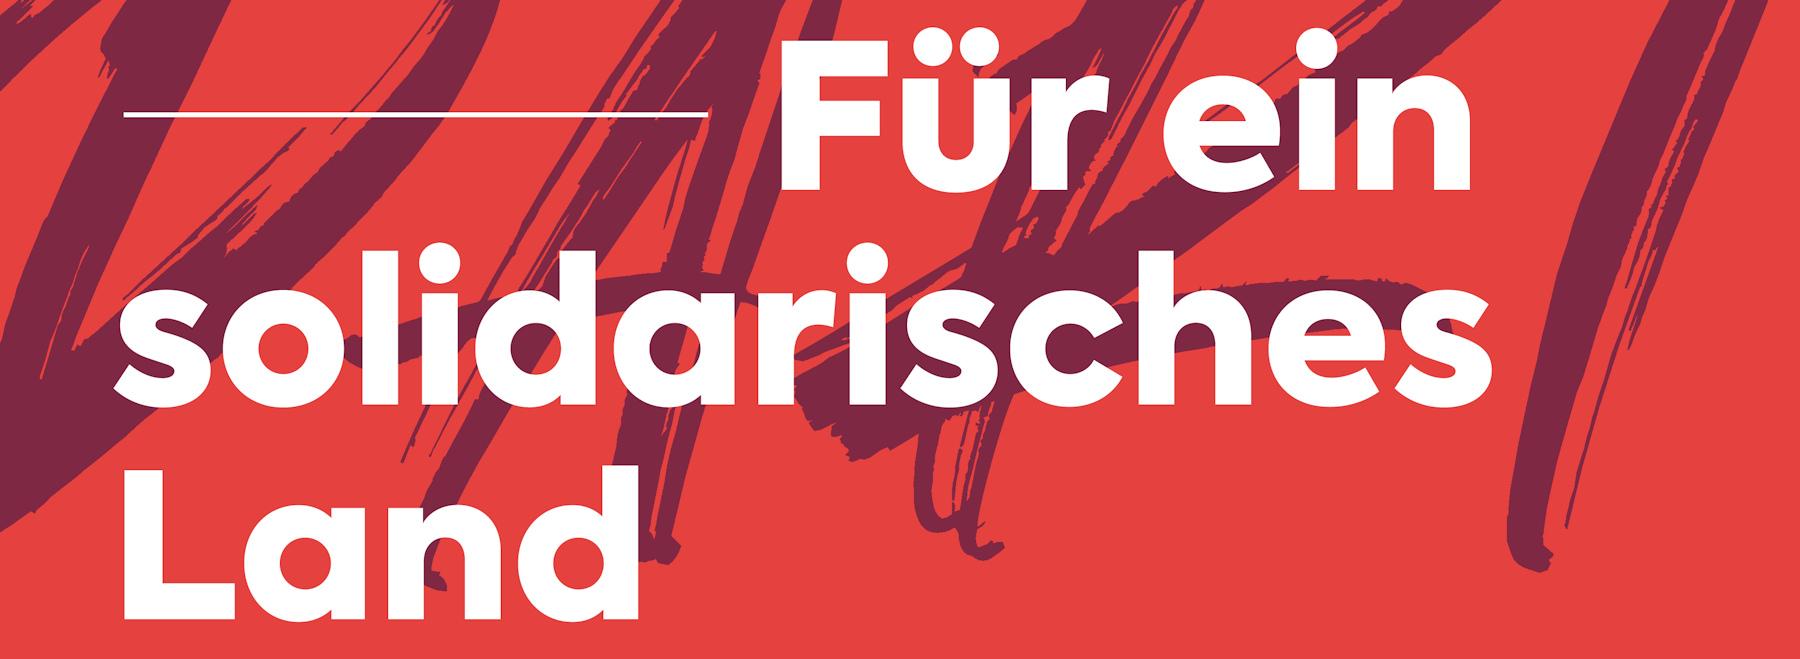 Für ein solidarisches Land – Bilanz 2017 – 2019 der SPD Bundestagsfraktion